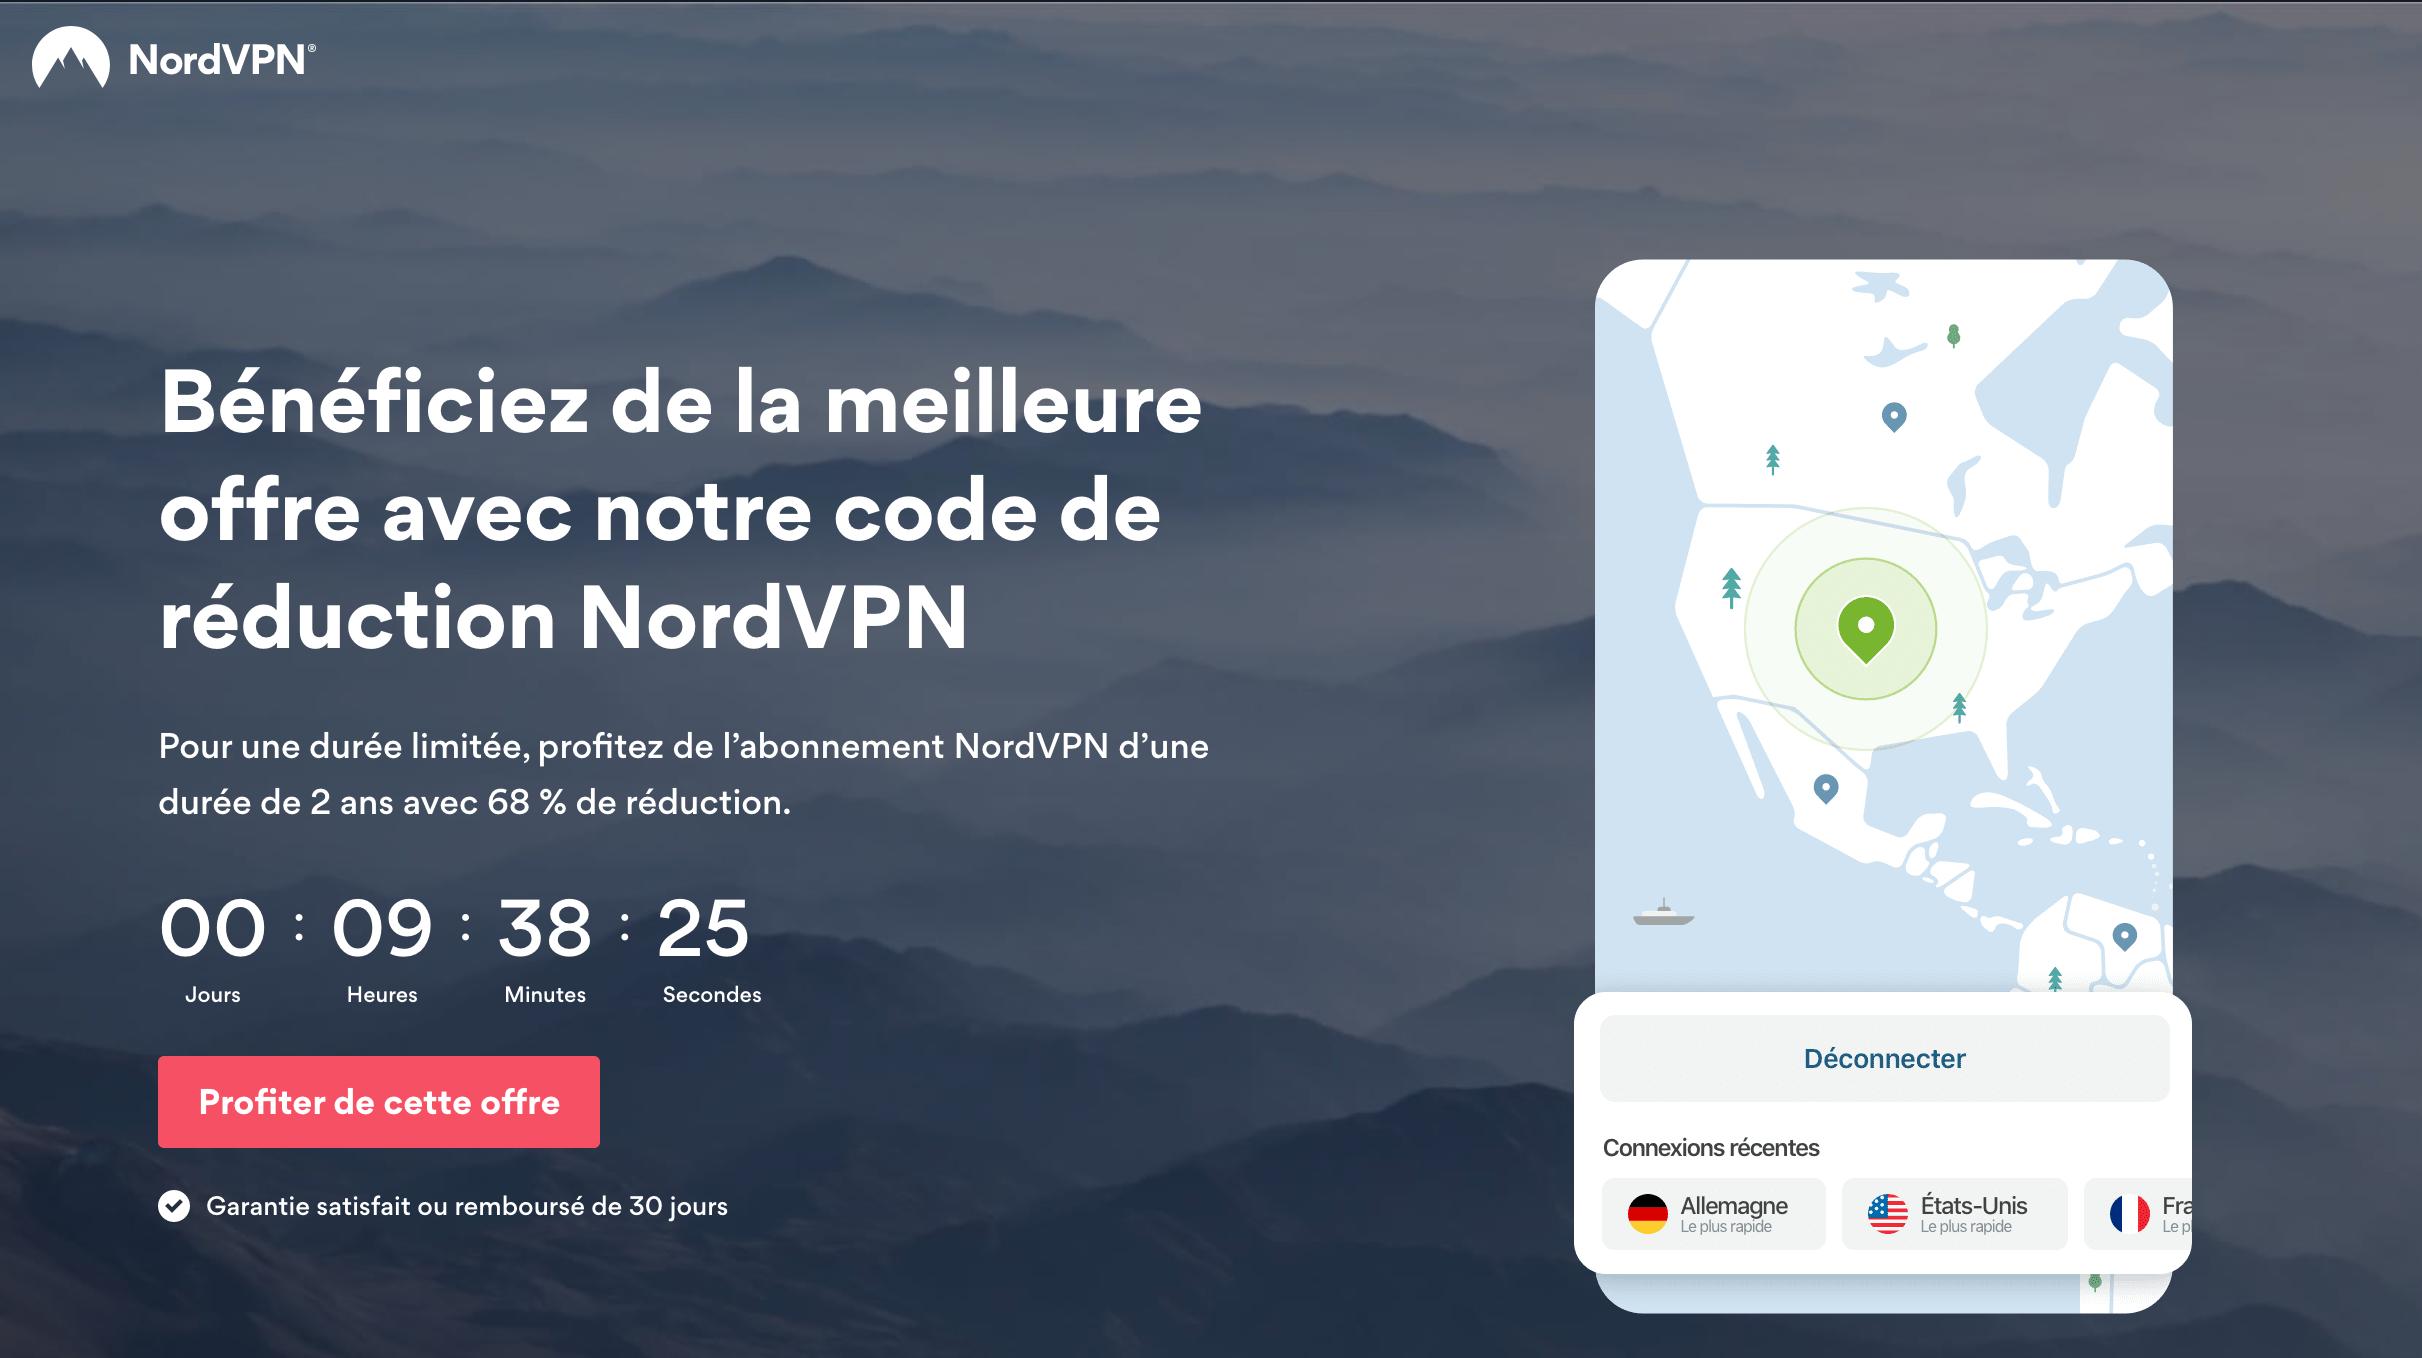 NordVPN en promo à -68% avec le code promo notabenedeal